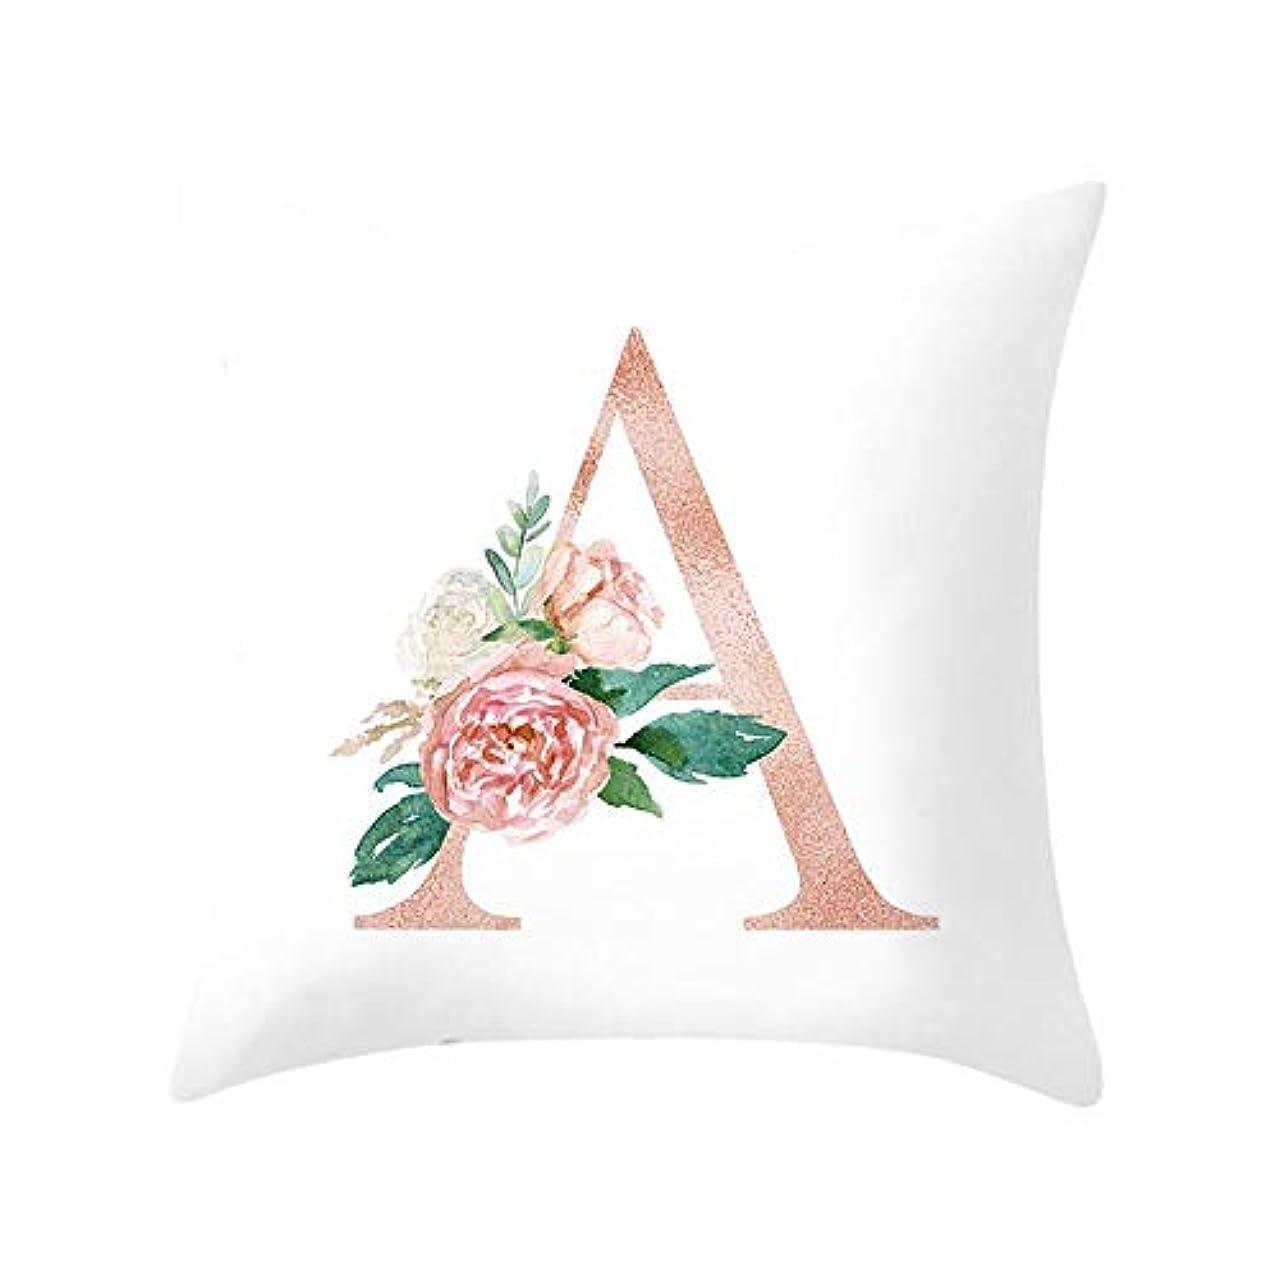 ドラフトランダム勝利LIFE 装飾クッションソファ手紙枕アルファベットクッション印刷ソファ家の装飾の花枕 coussin decoratif クッション 椅子